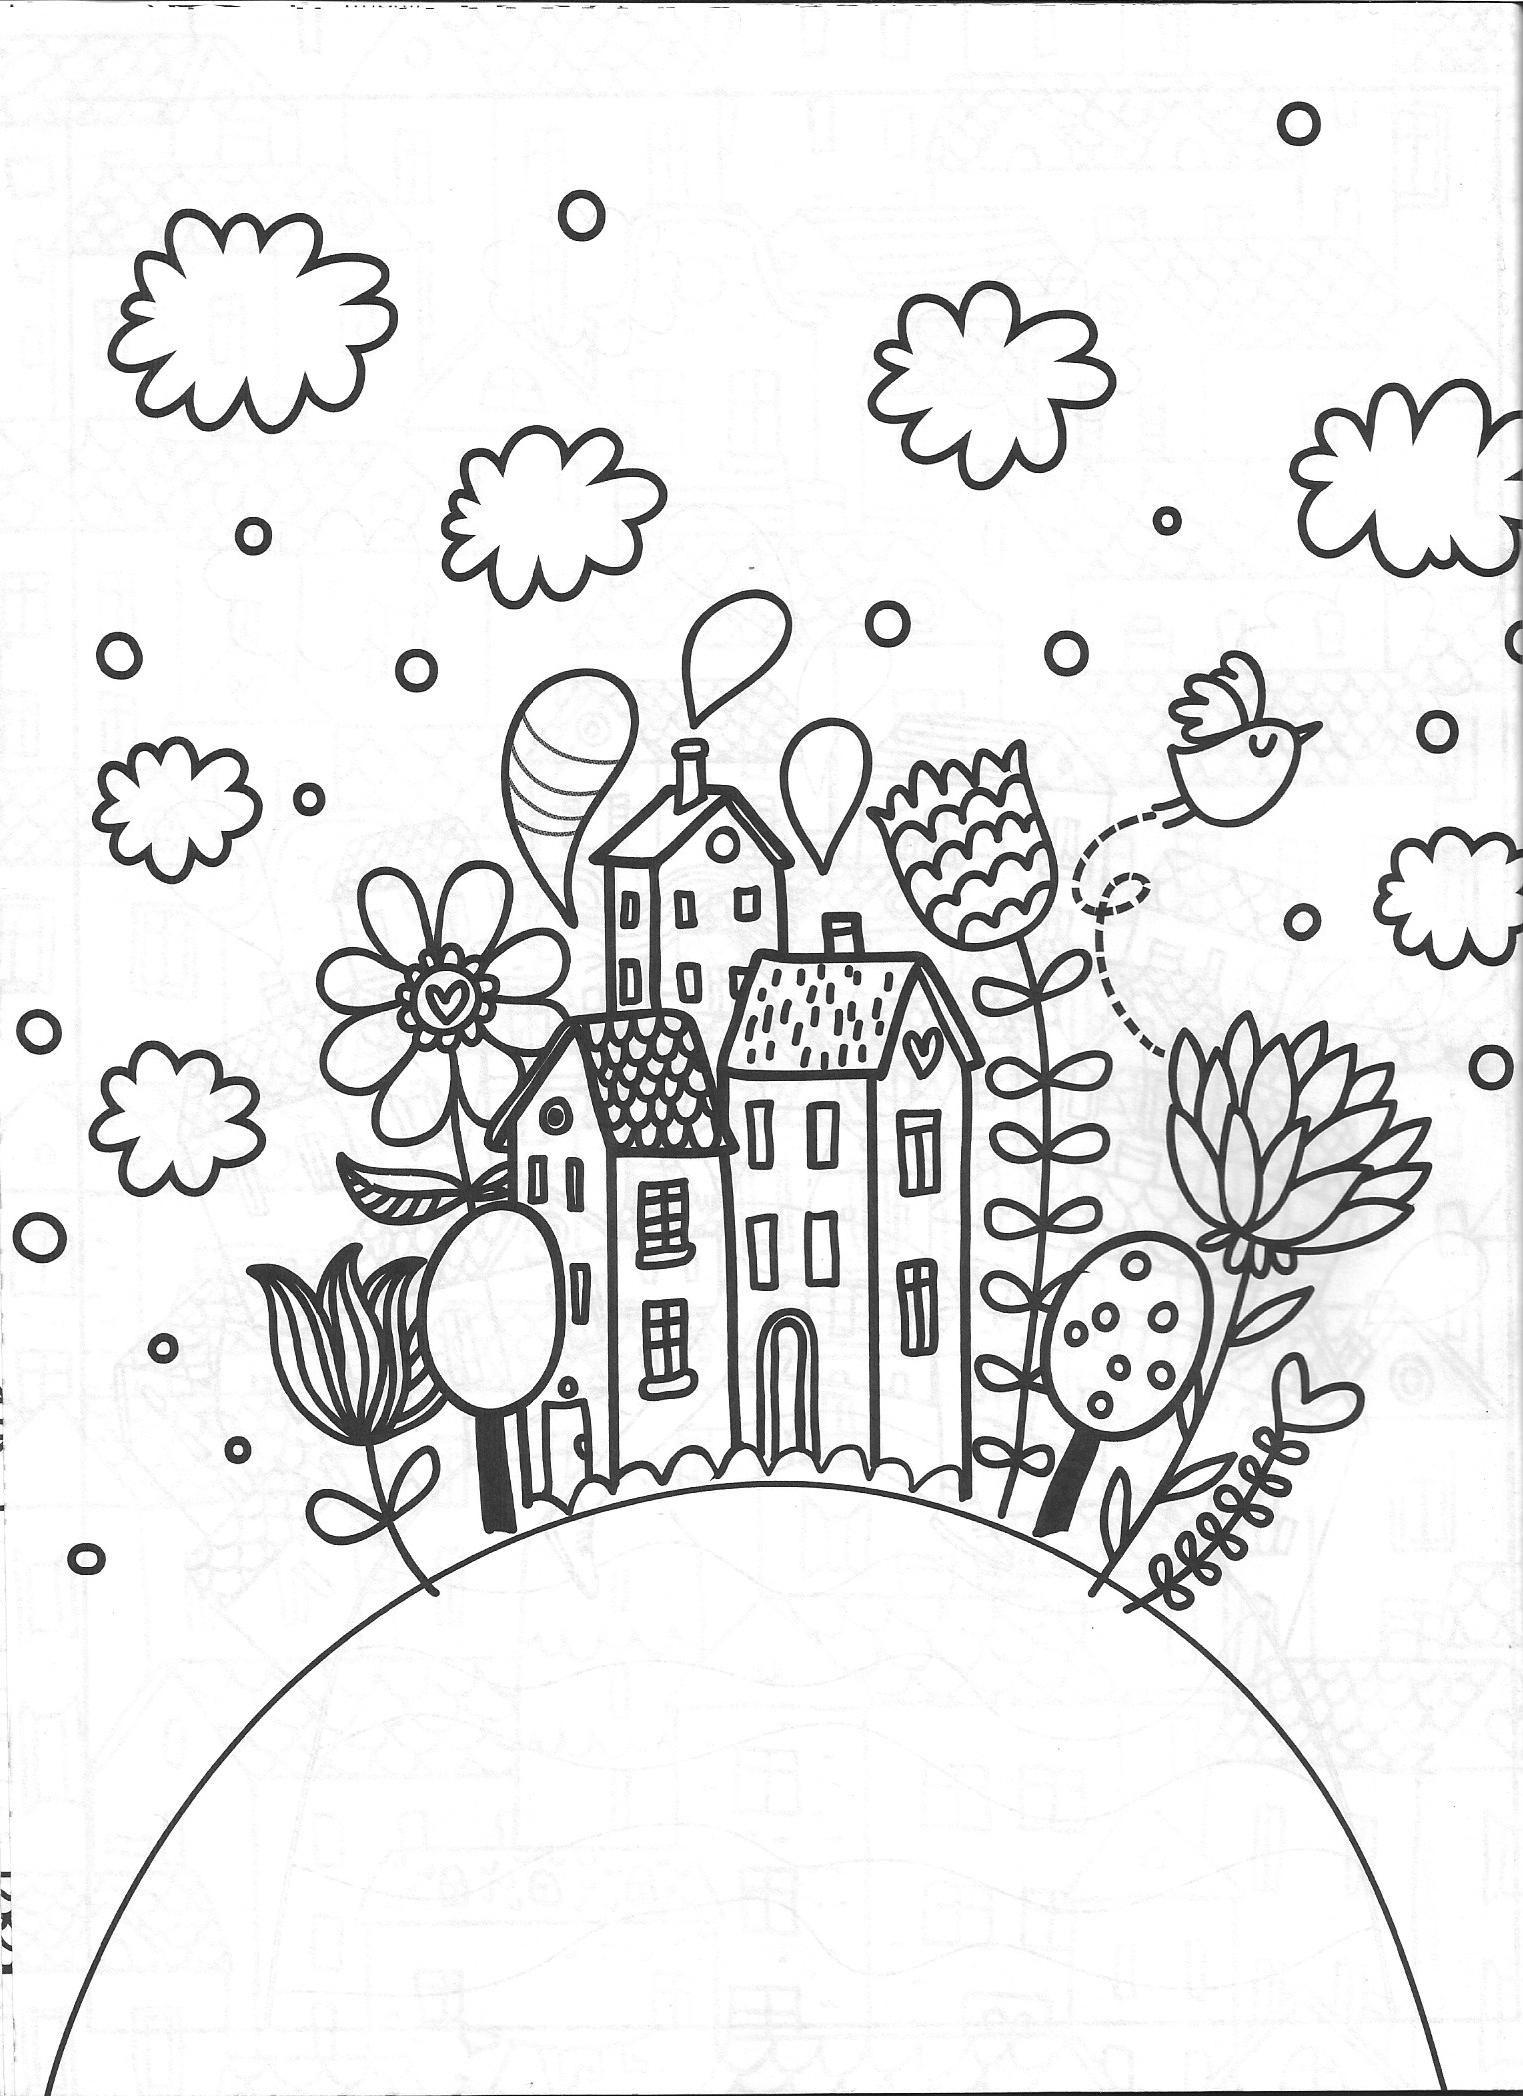 Vida Simples Cidade Dos Sonhos Oya Ornekleri Nakis Desenleri Oya